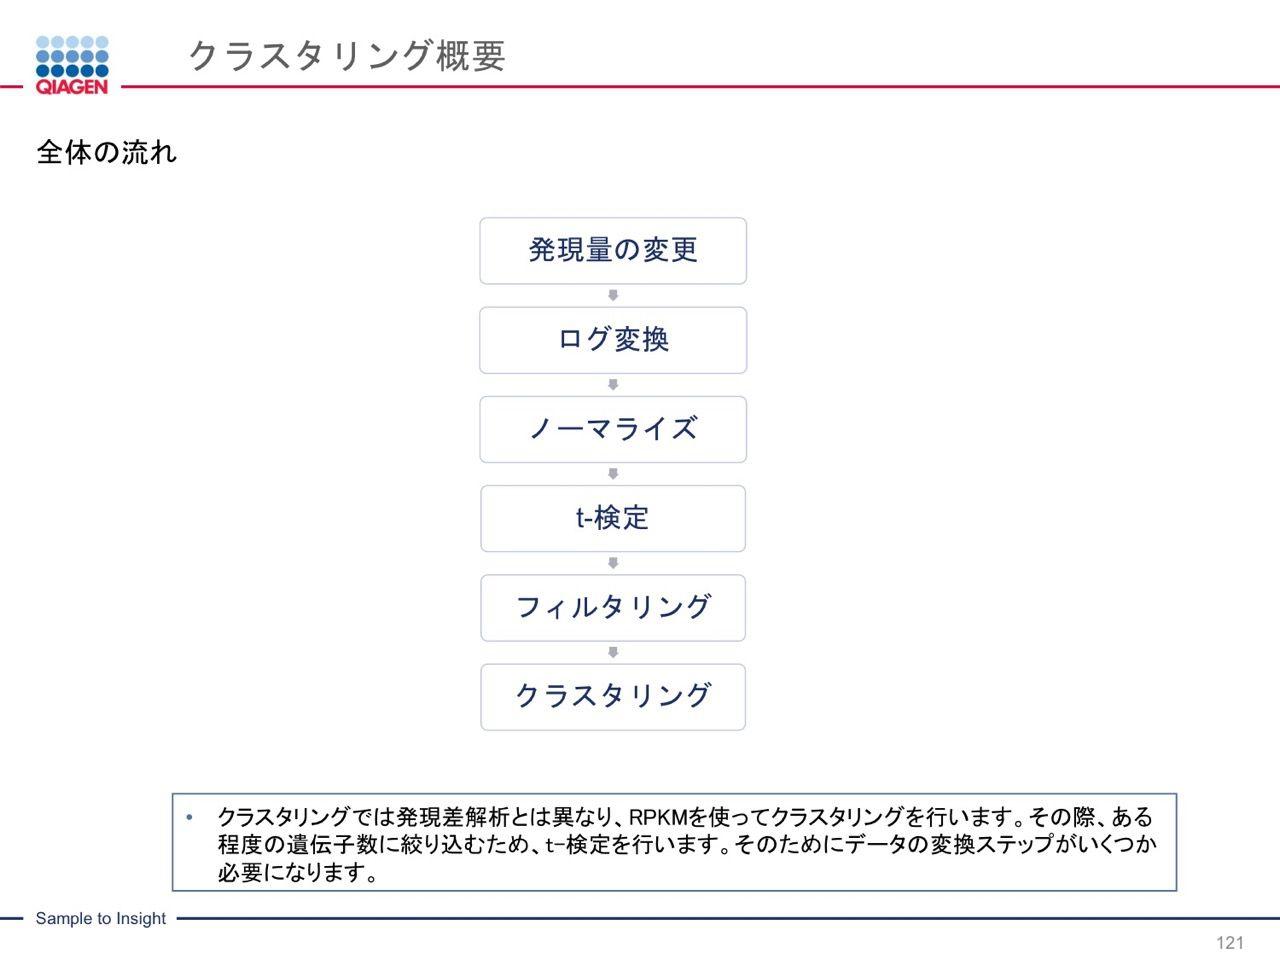 images/AJACSa2_miyamoto_121.jpg